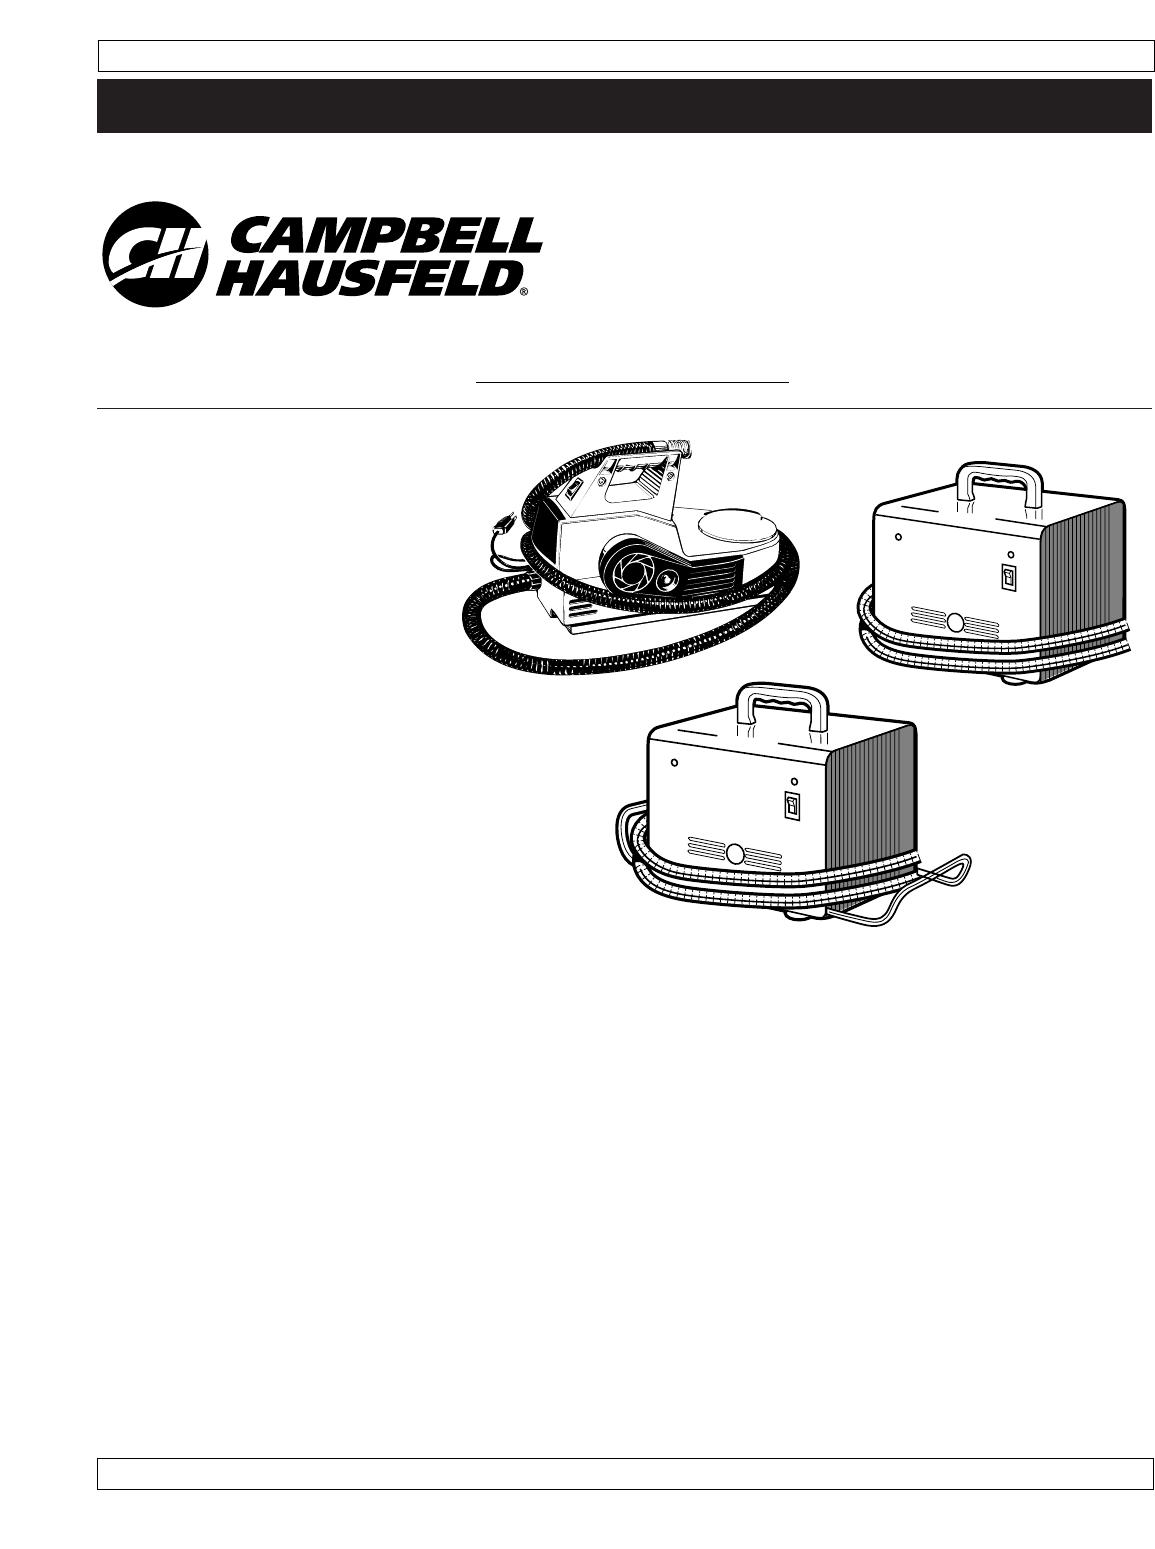 campbell hausfeld paint sprayer manual